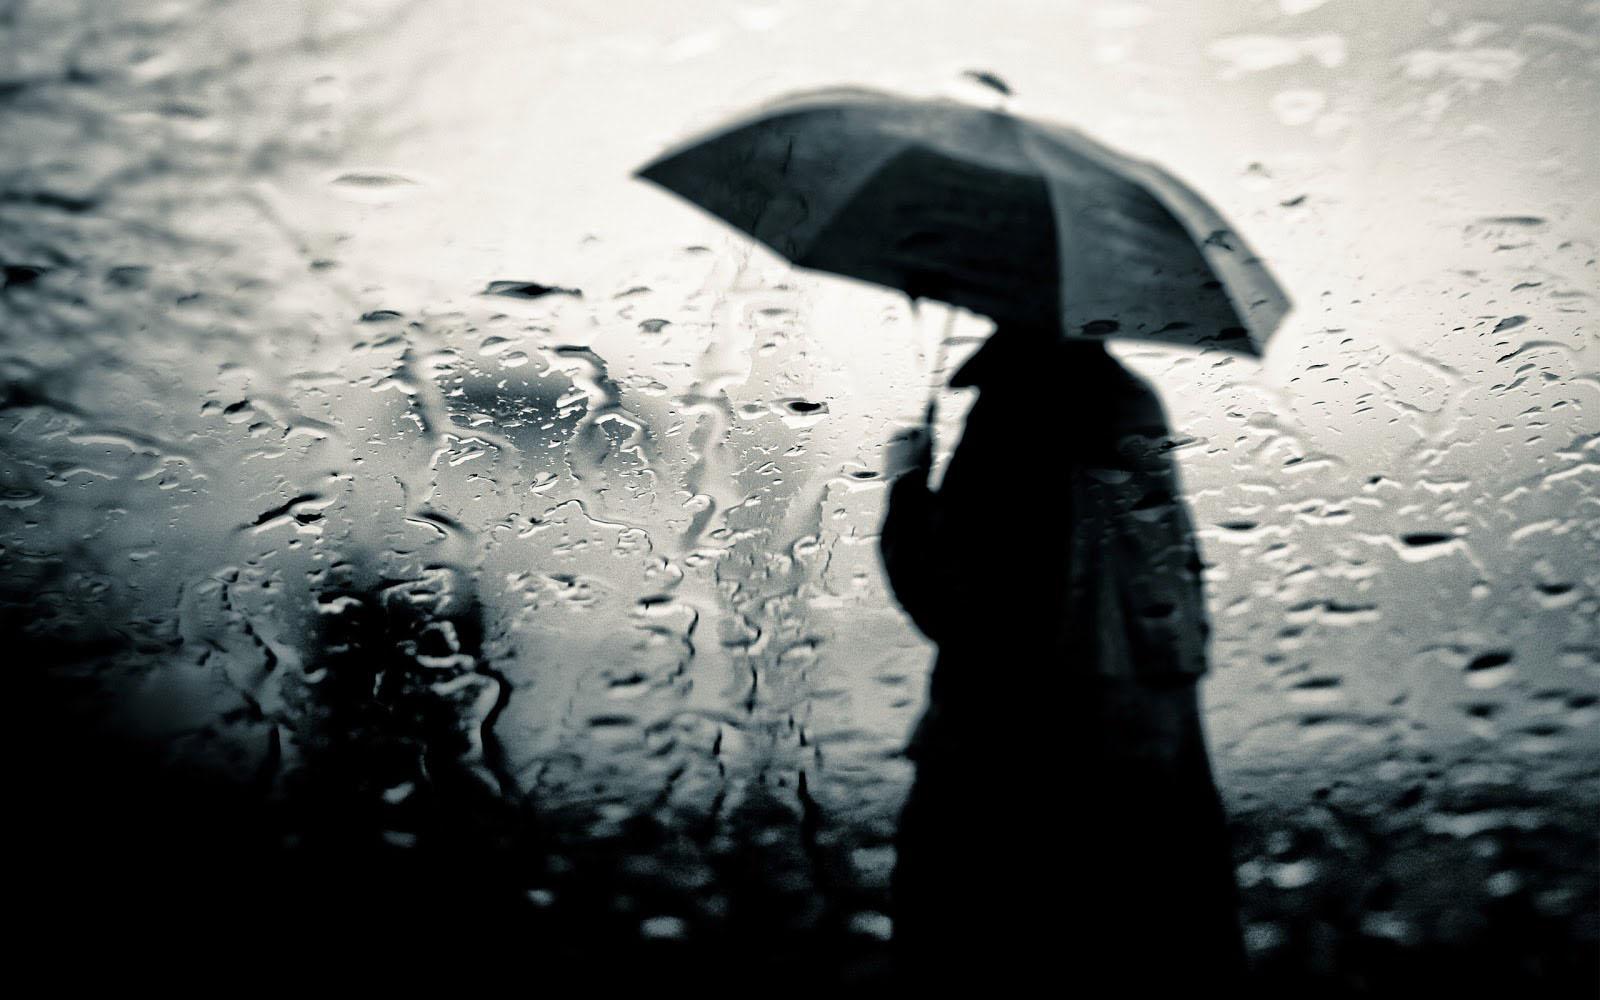 Hình ảnh mưa buồn lạnh lẽo